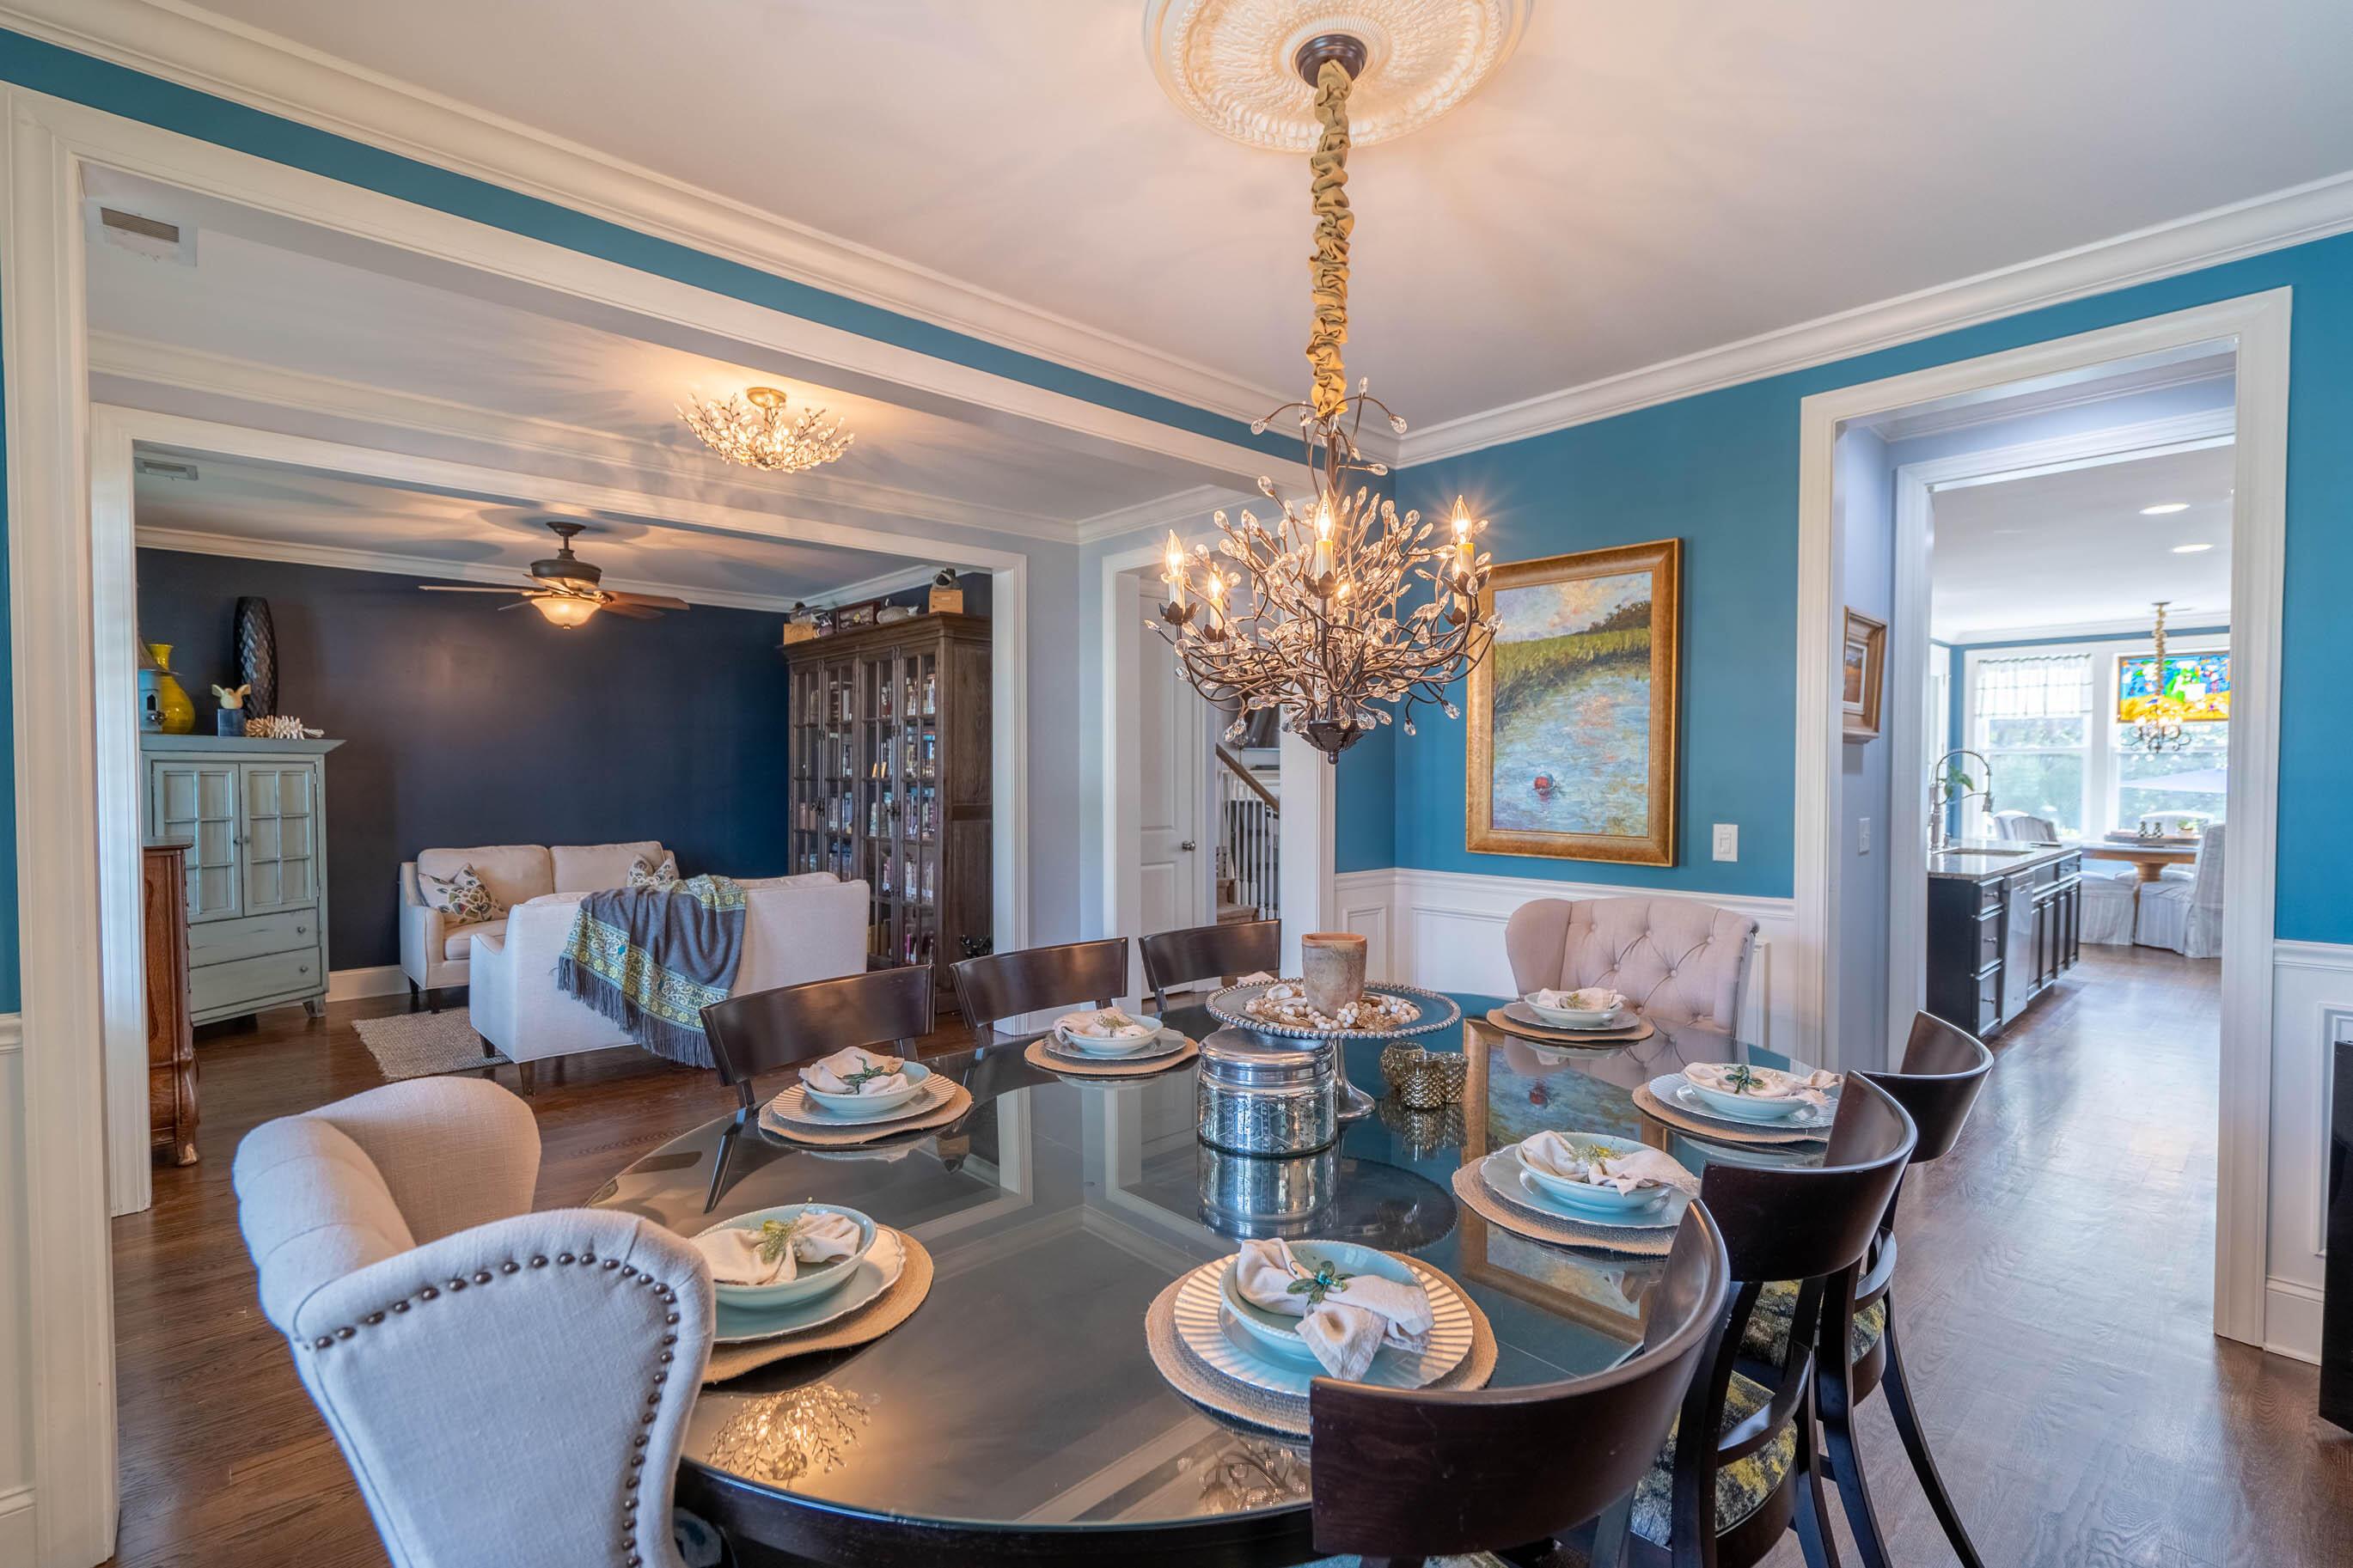 Dunes West Homes For Sale - 2997 Sturbridge, Mount Pleasant, SC - 14